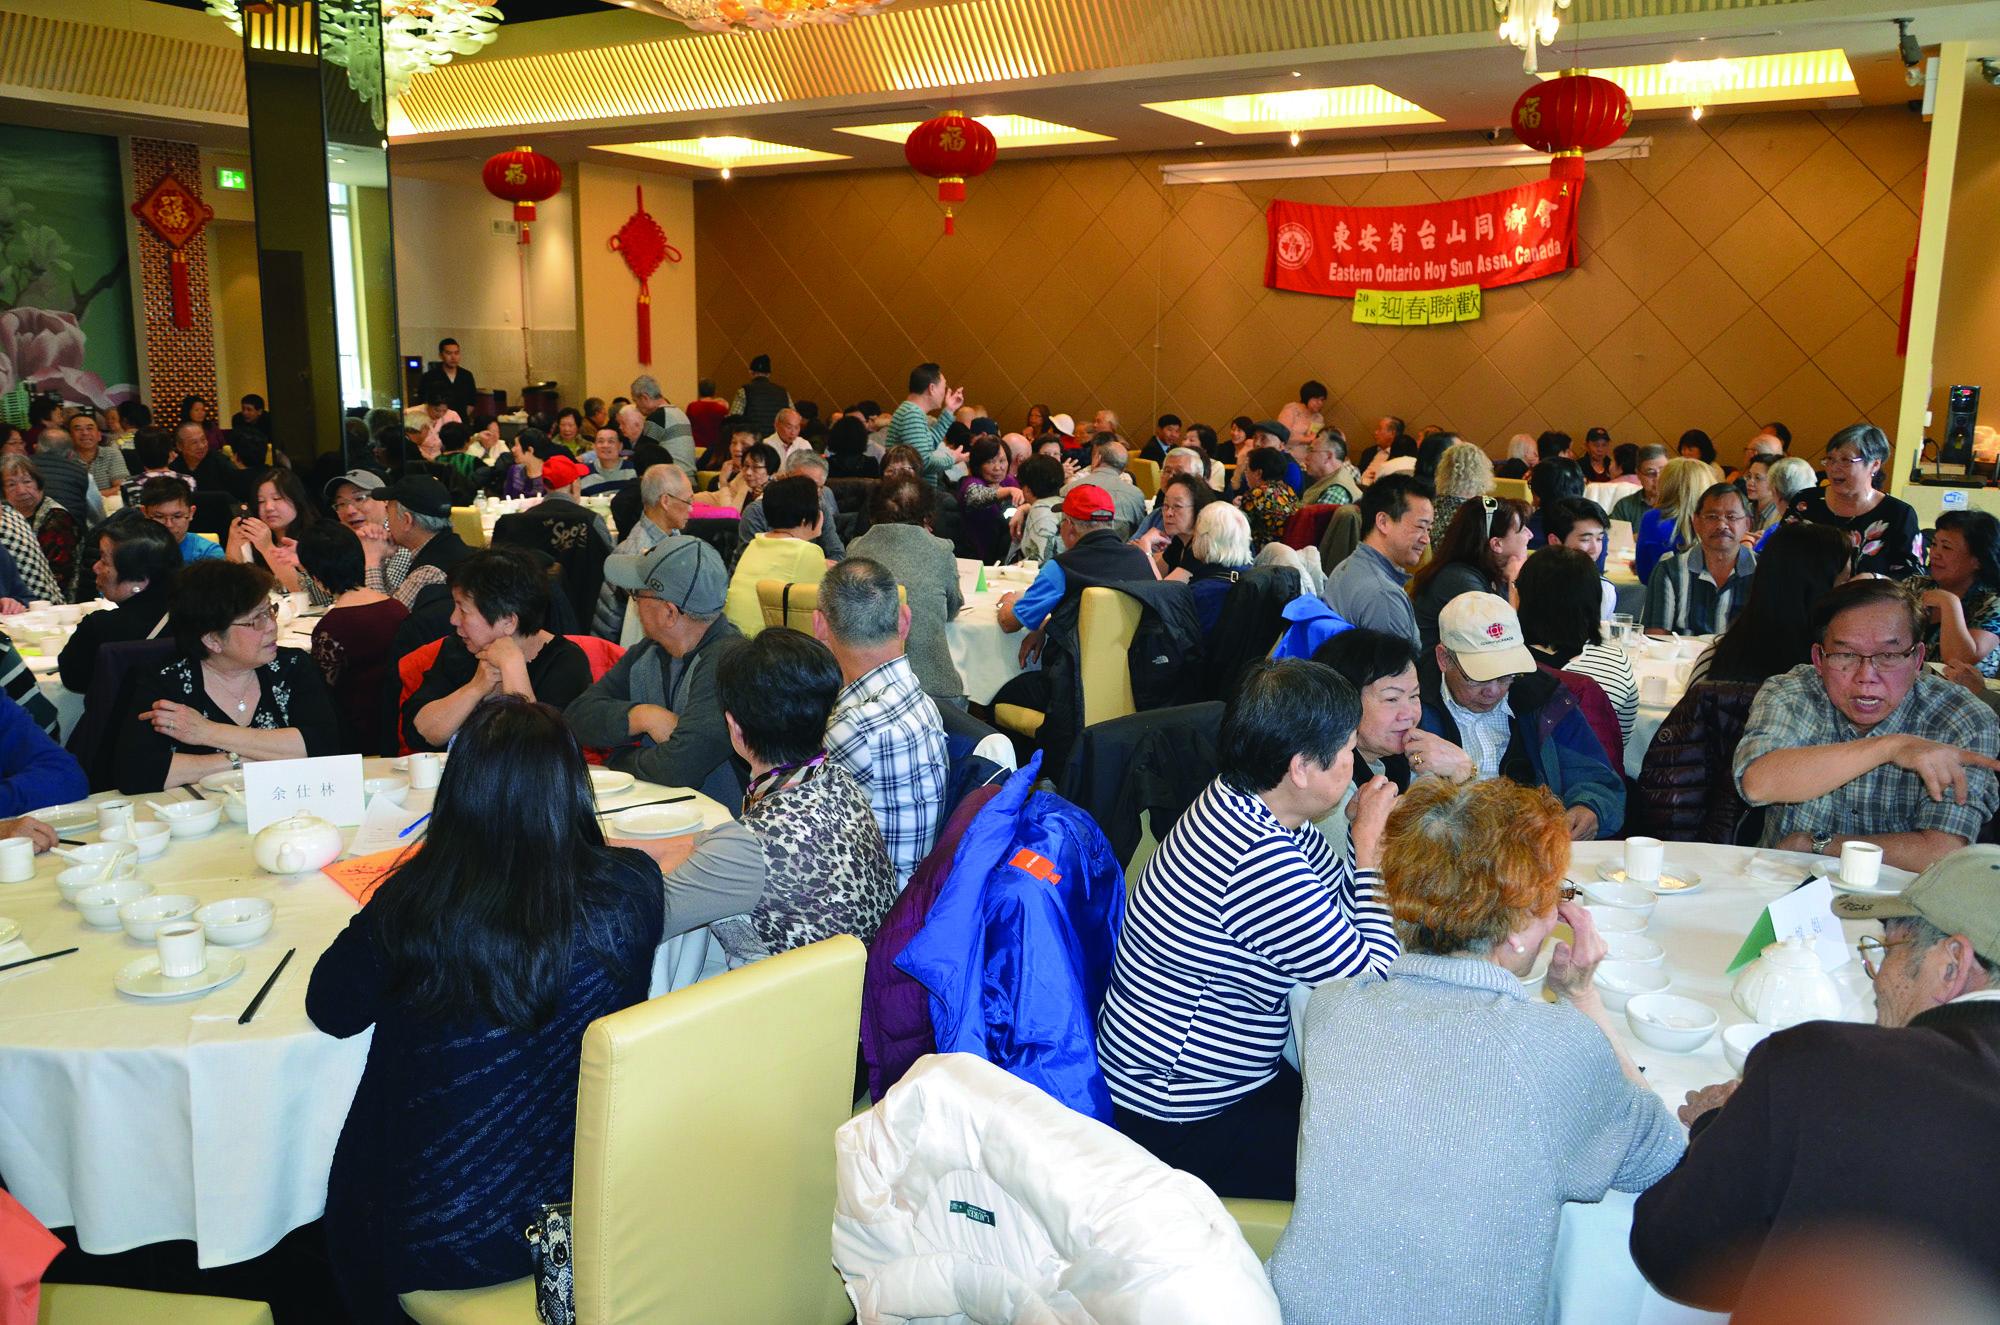 tai-shan-hui-2018-ying-chun-yan-1